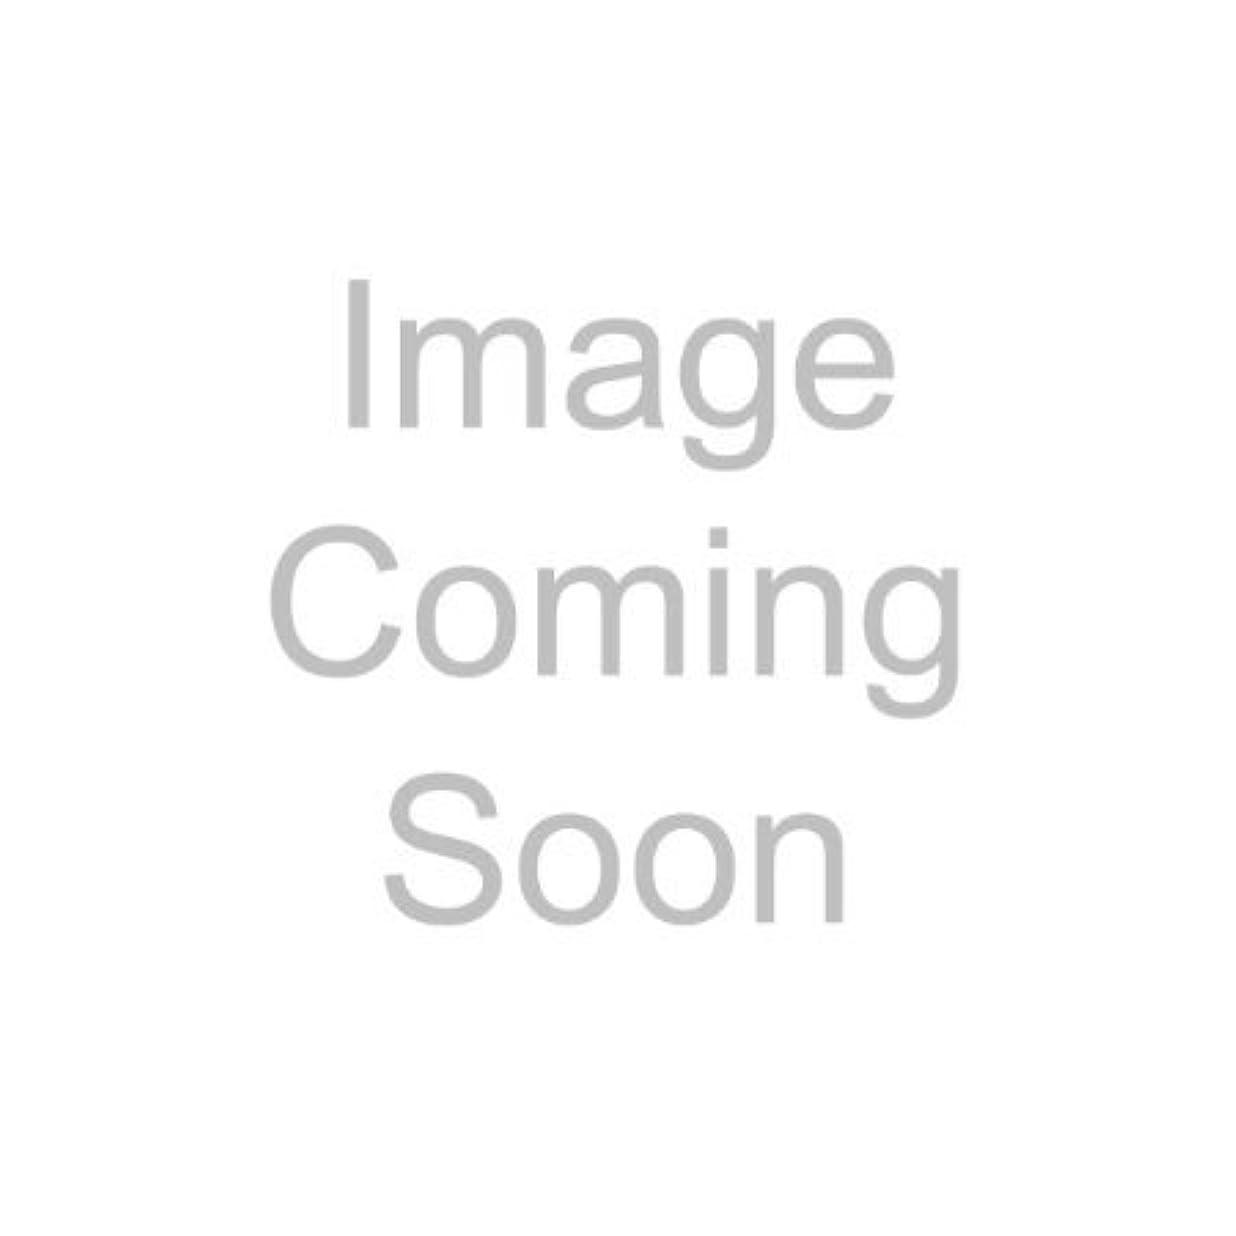 よろしく刺繍宗教的なエリザベスアーデン ビジブル ホワイトニング メラニン コントロール ナイトカプセル トラベルセット 17.2mlx3(37カプセルx3) [並行輸入品]